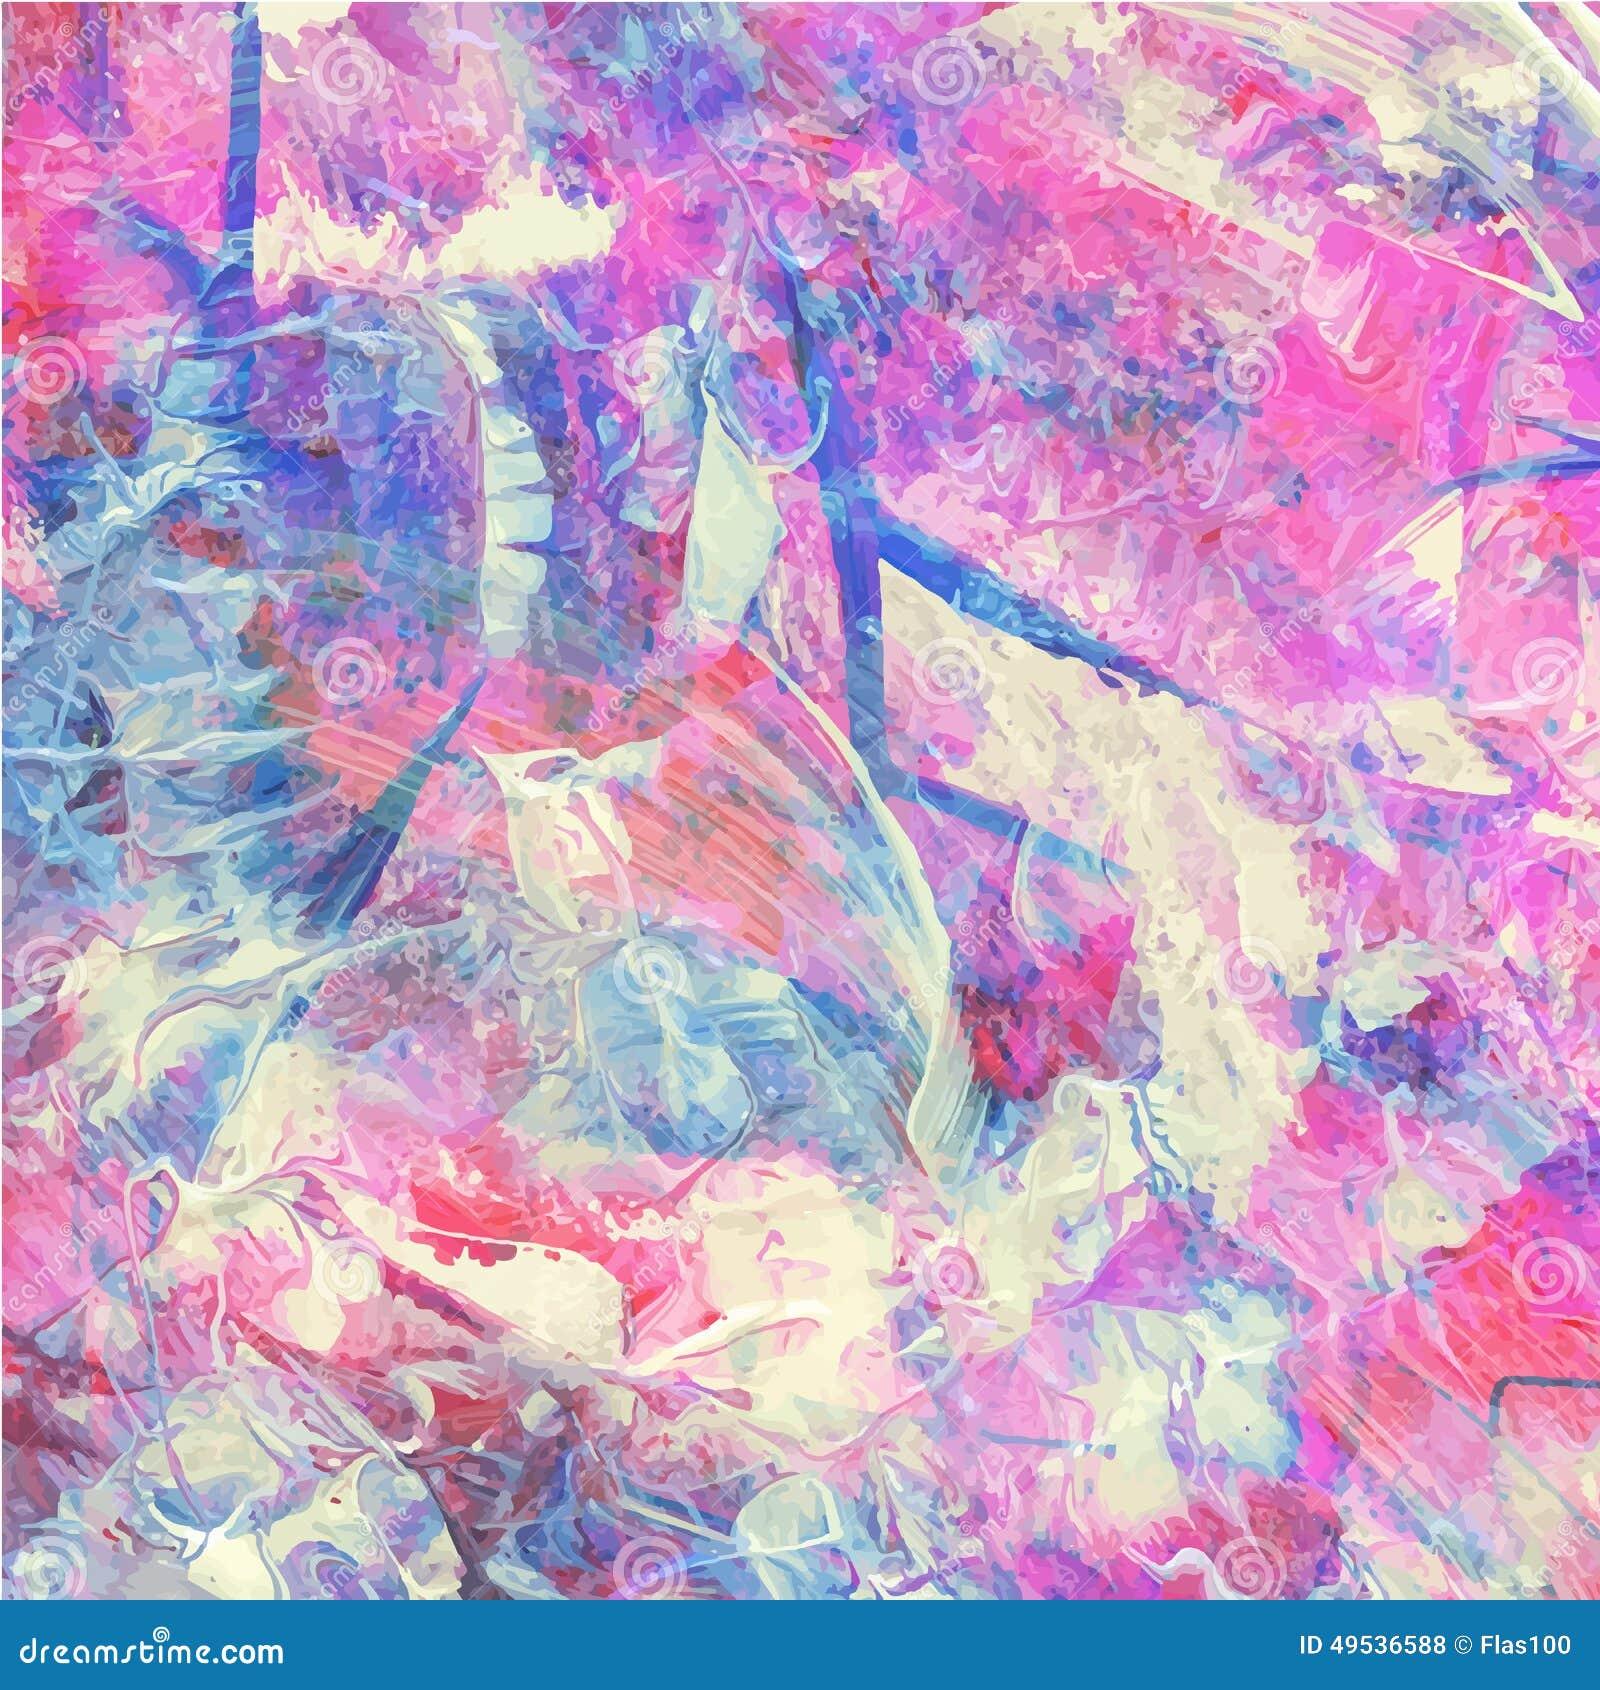 五颜六色的意思_五颜六色的抽象水彩丙烯酸酯的绘画